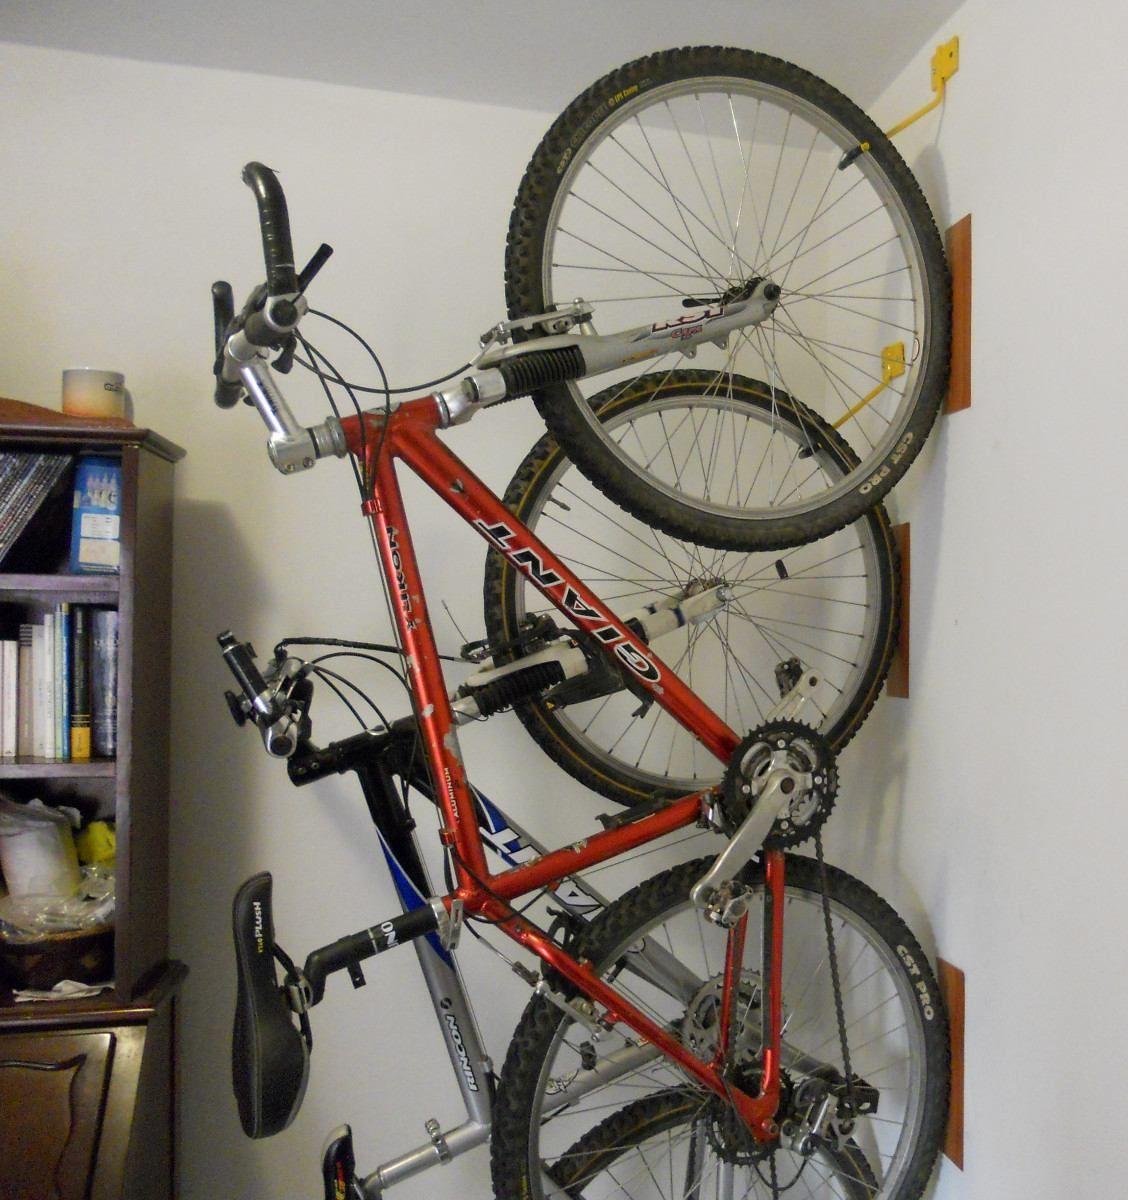 encuentra gancho base o soporte de pared para bicicleta mtb ruta cros bicicletas y ciclismo en mercado libre venezuela descubre la mejor forma de comprar